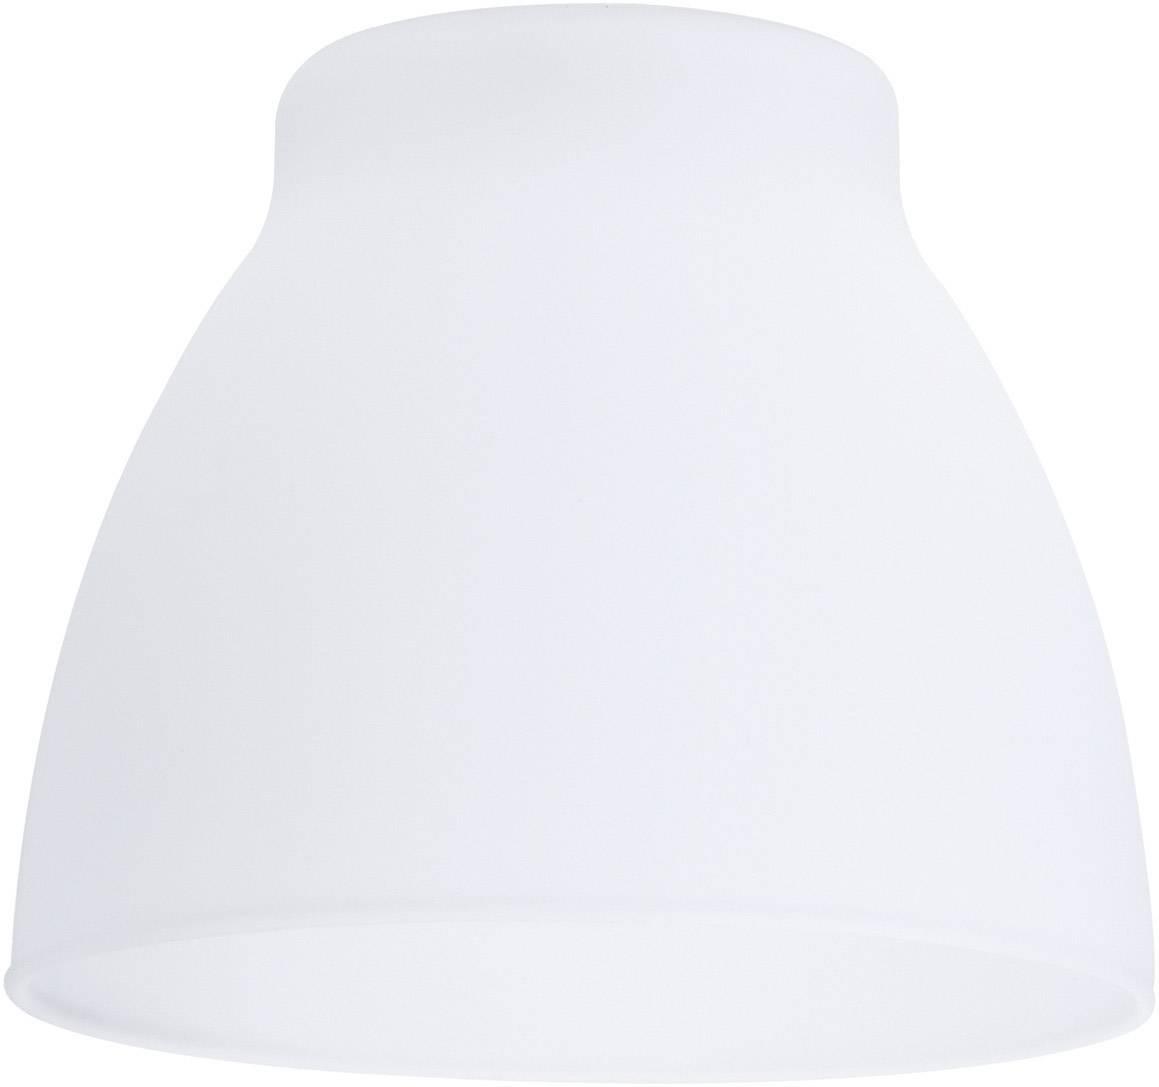 Příslušenství k nástěnnému, stropnímu a kuchňskému osvětlení